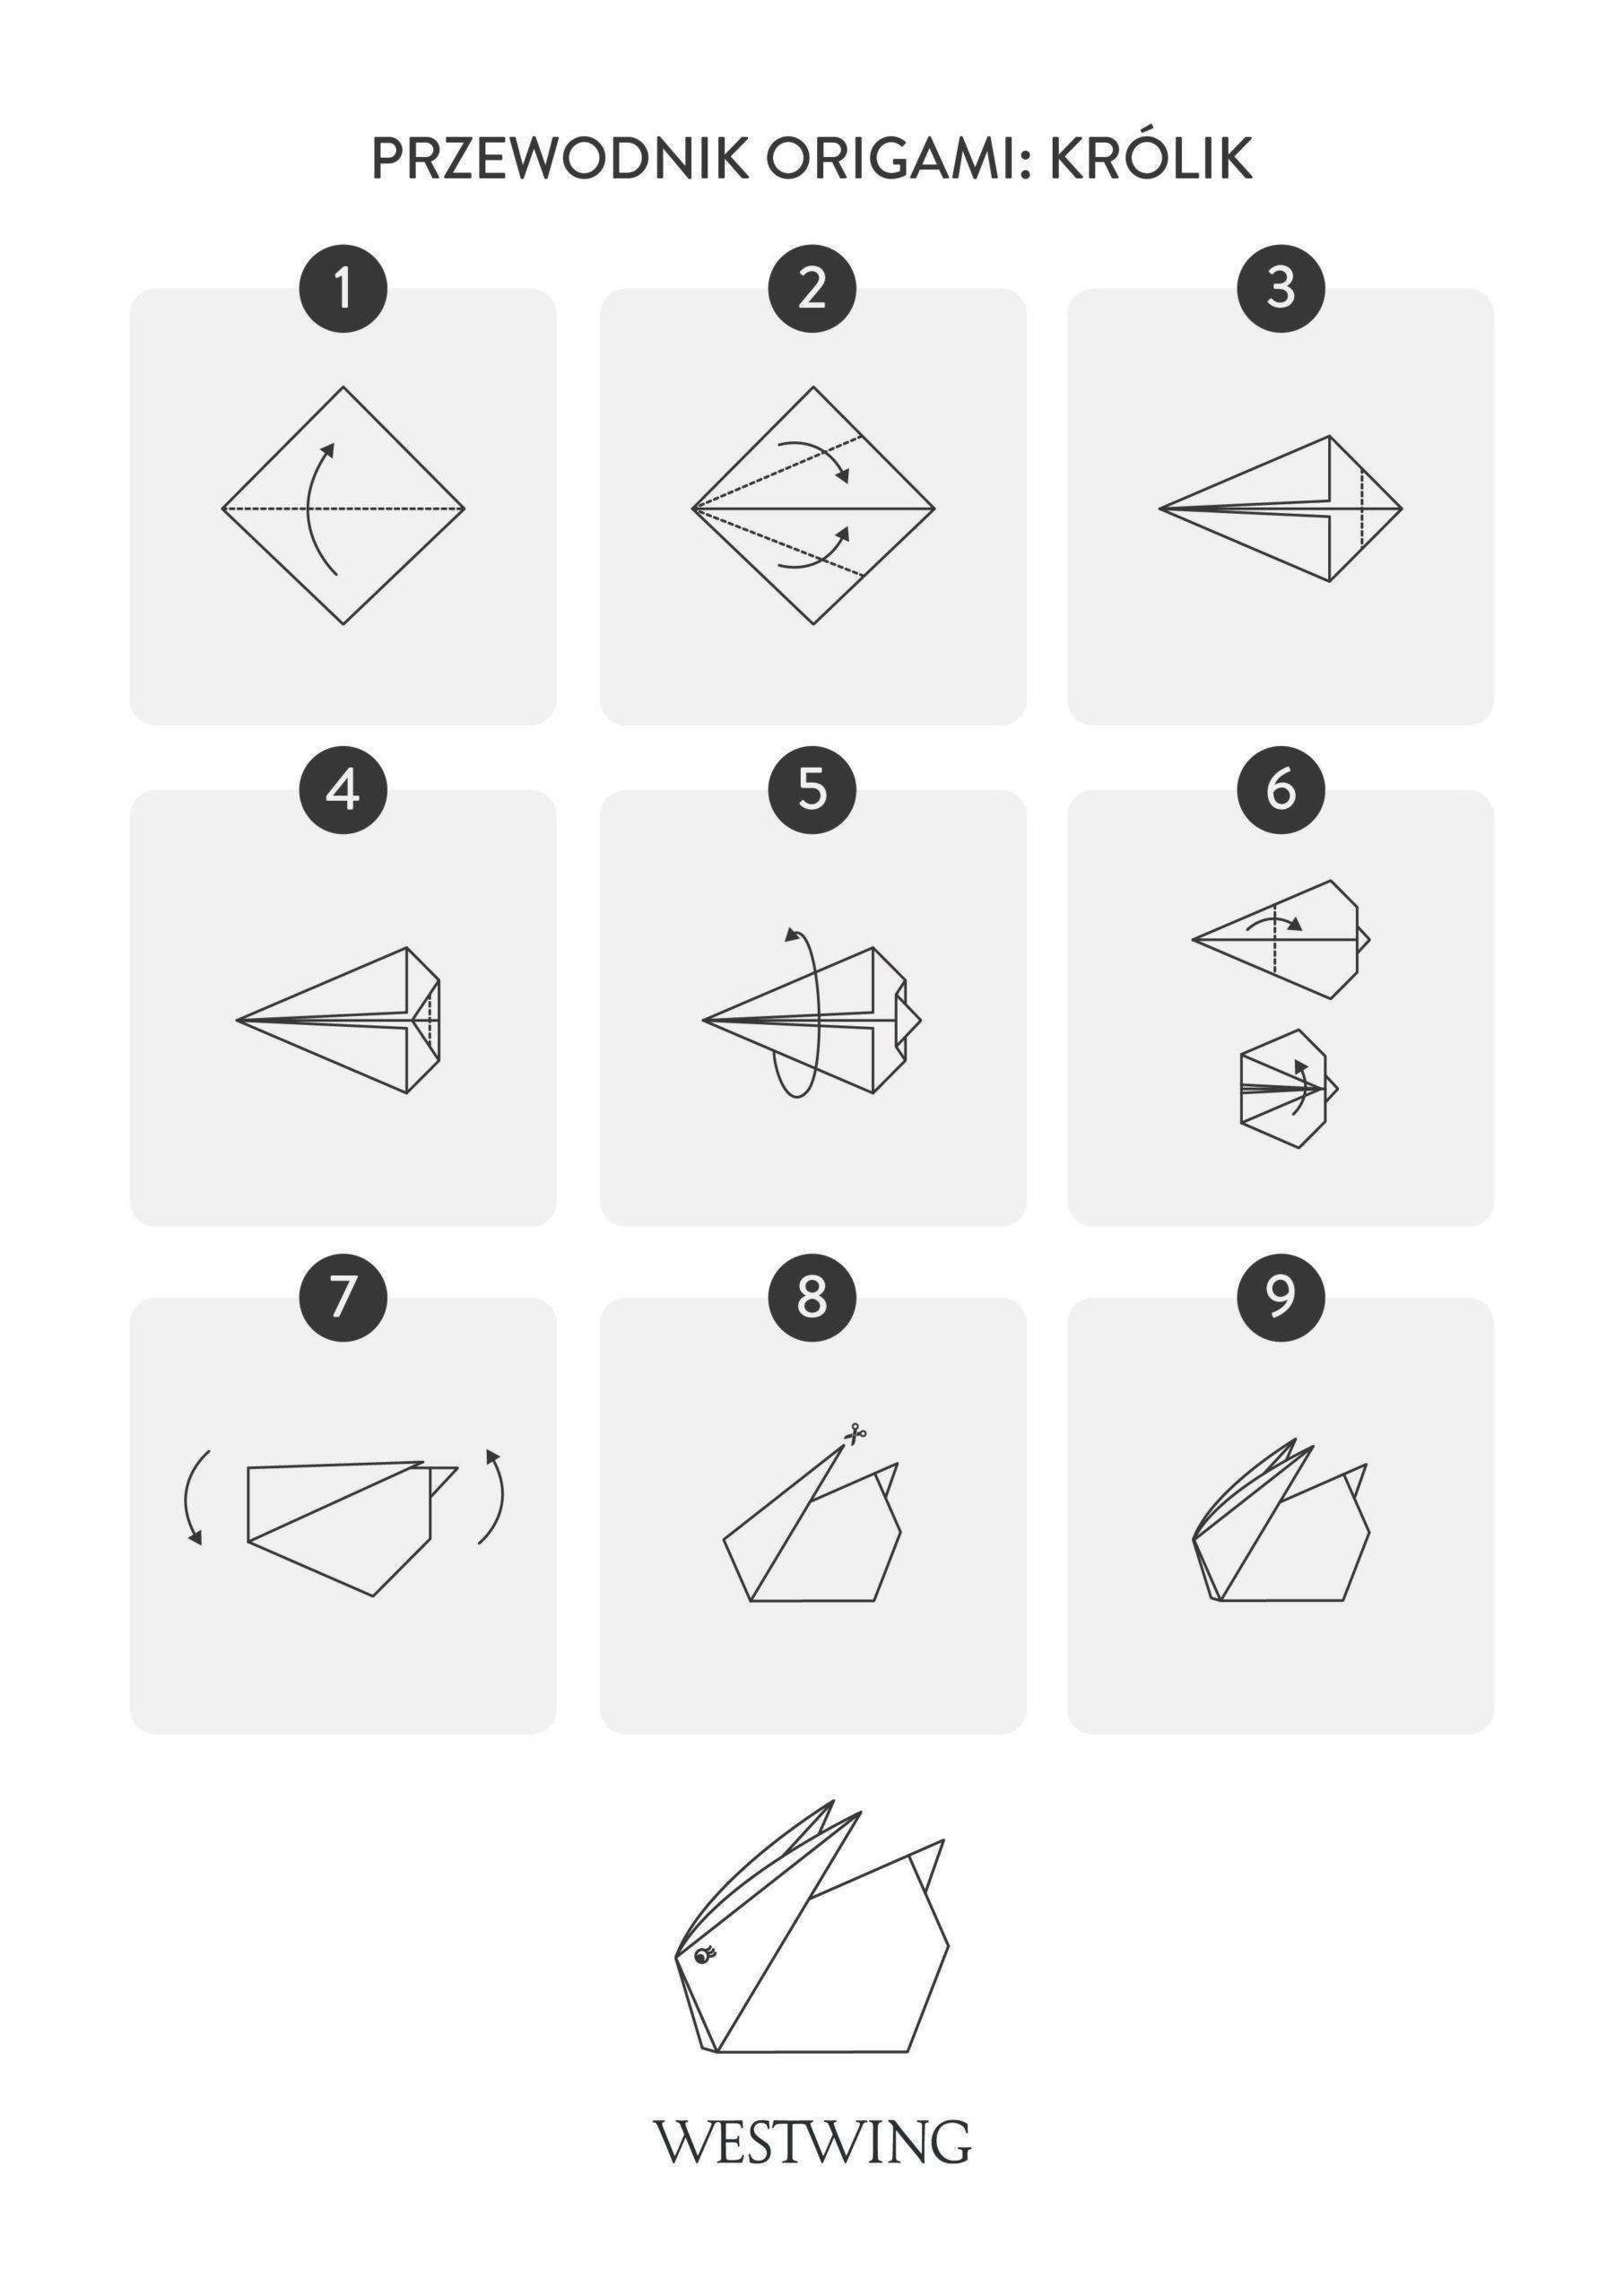 szablon origami królika DIY dla dzieci